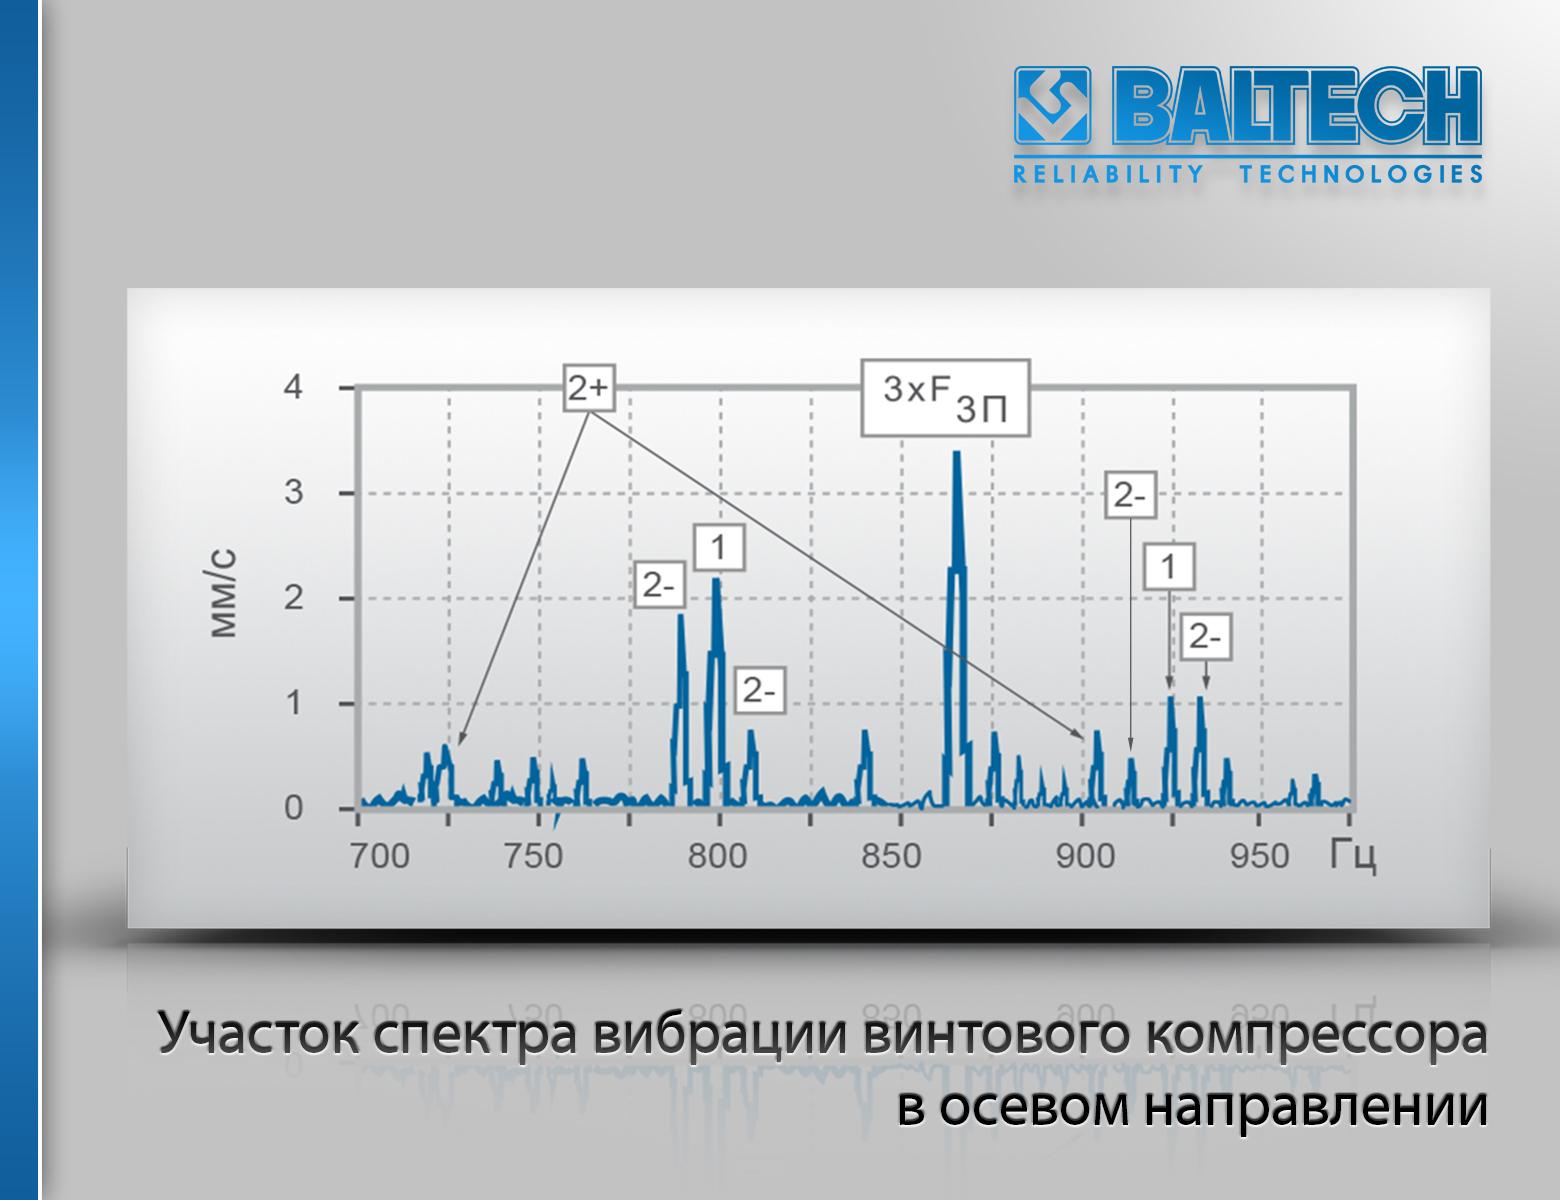 Участок спектра вибрации винтового компрессора в осевом направлении, вибродиагностика